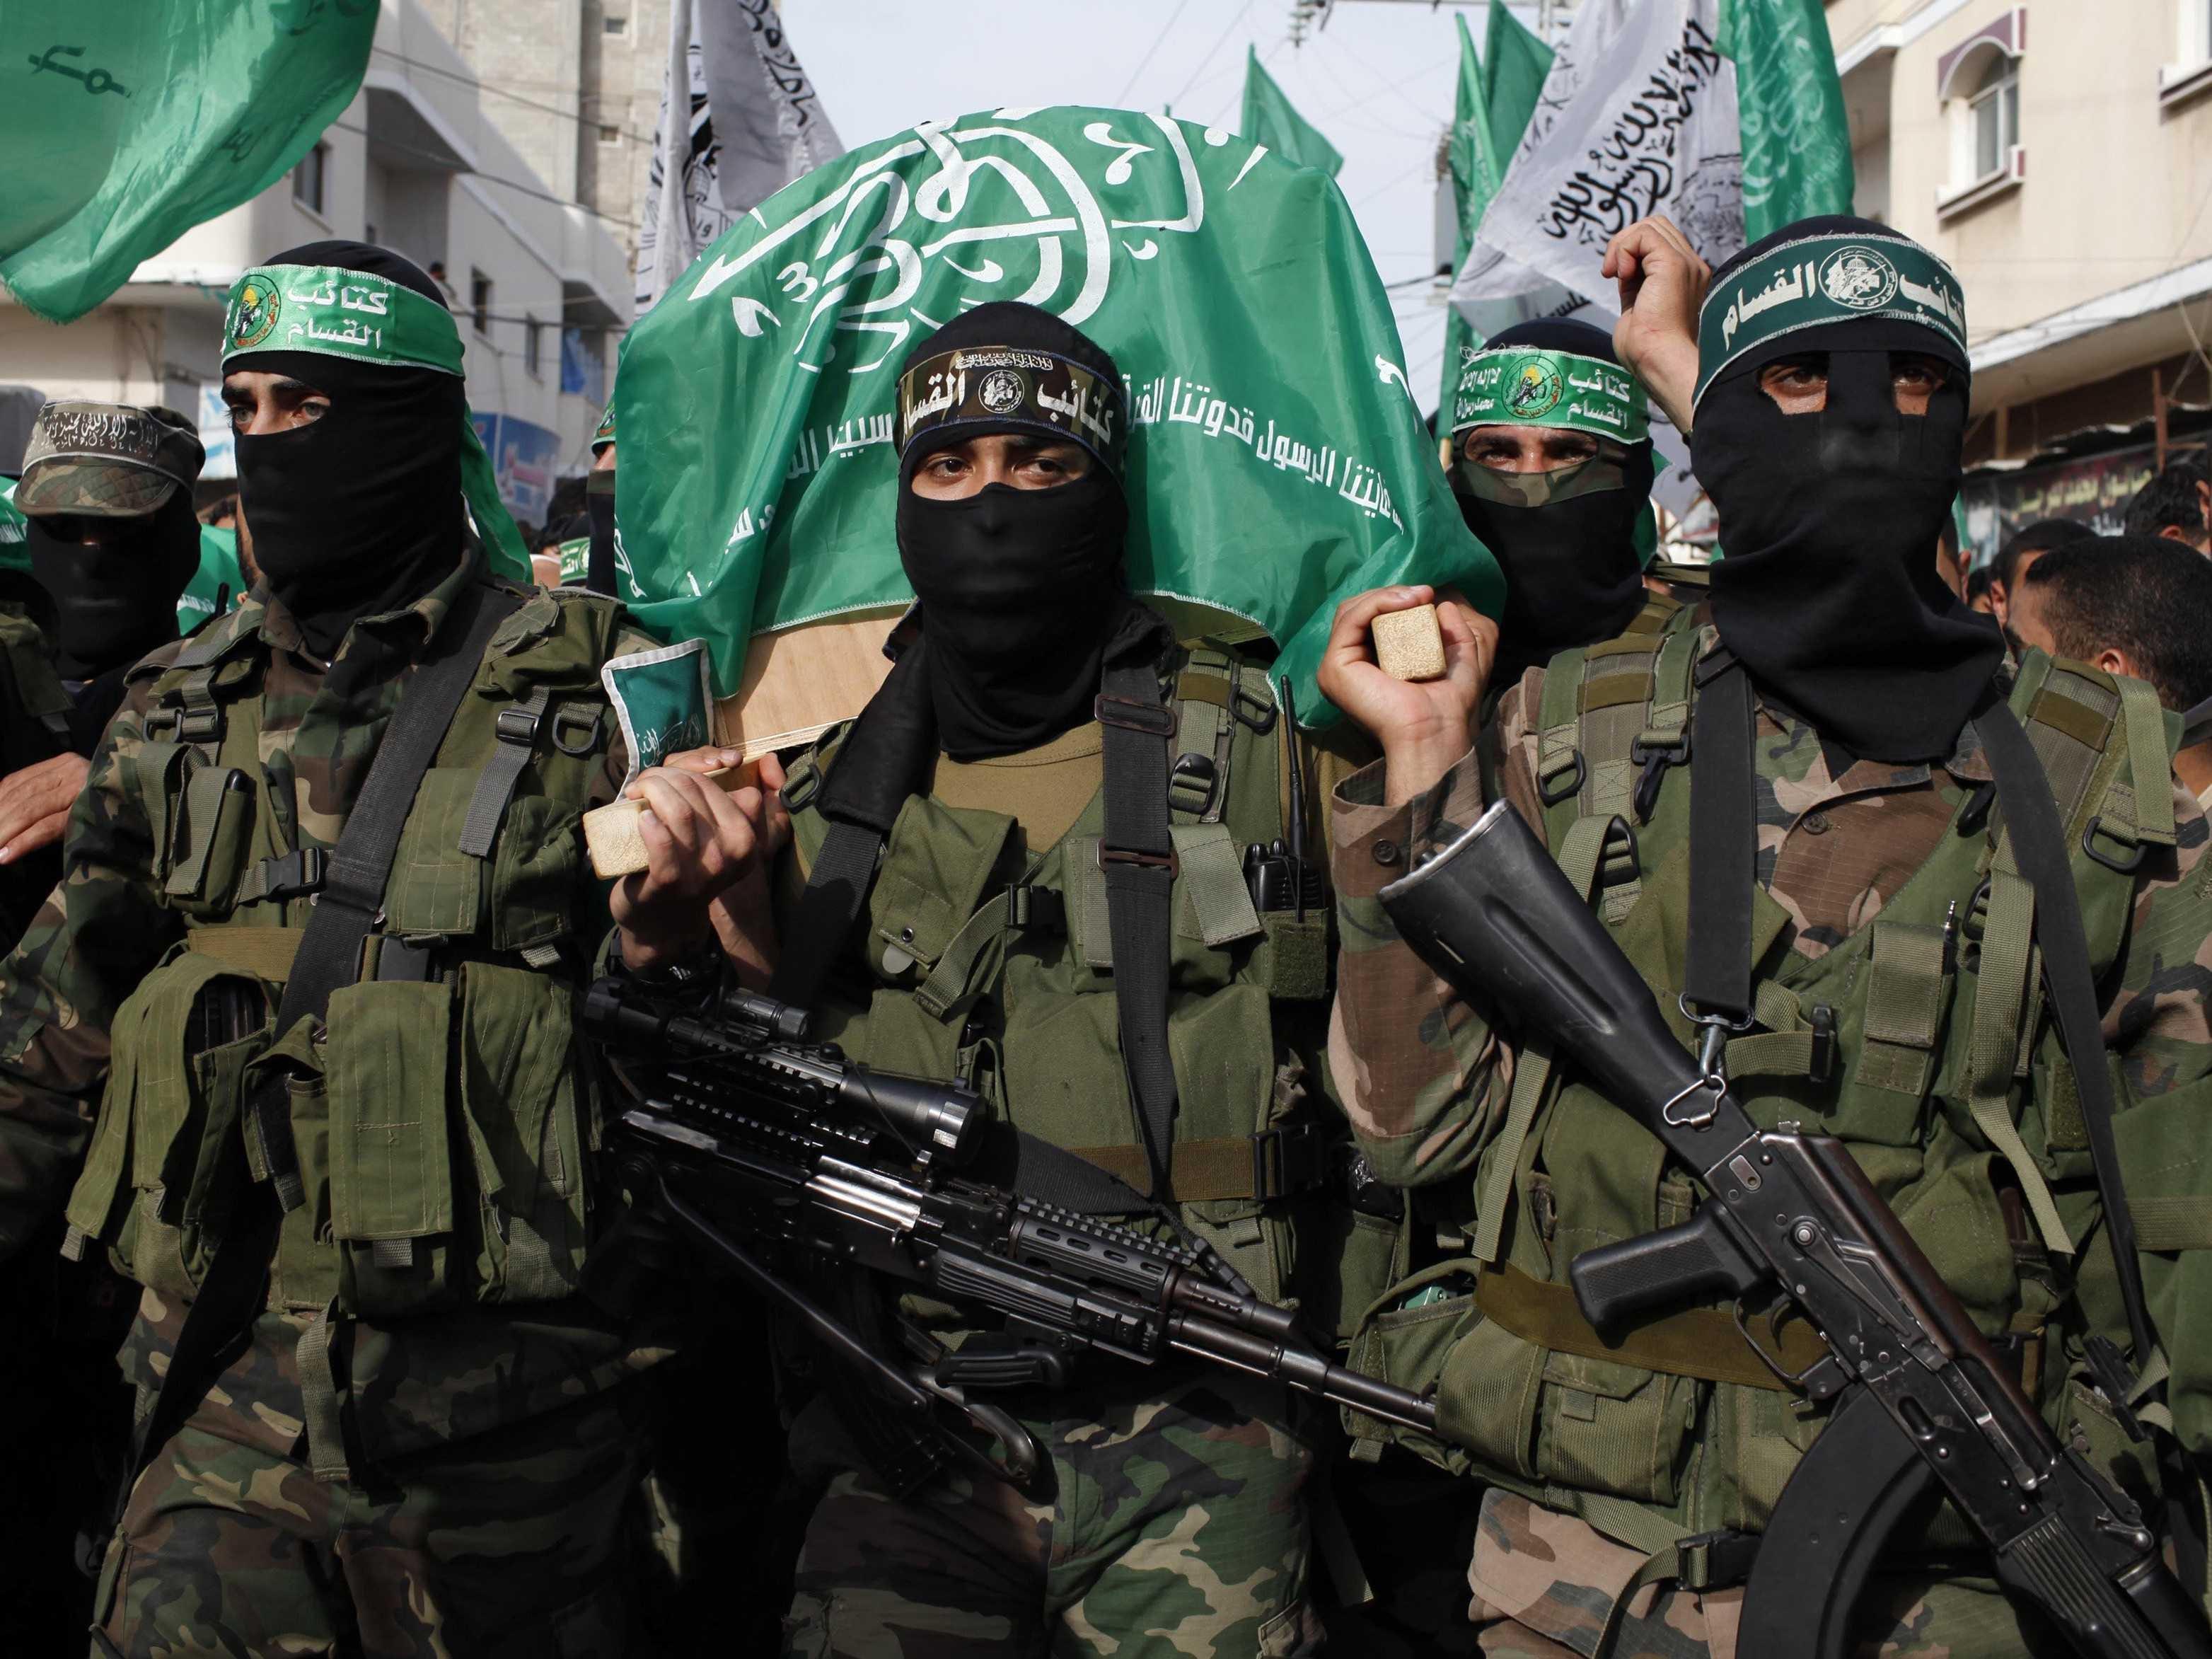 Джихад — это что такое? значение слова «джихад». что такое джихад в исламе?